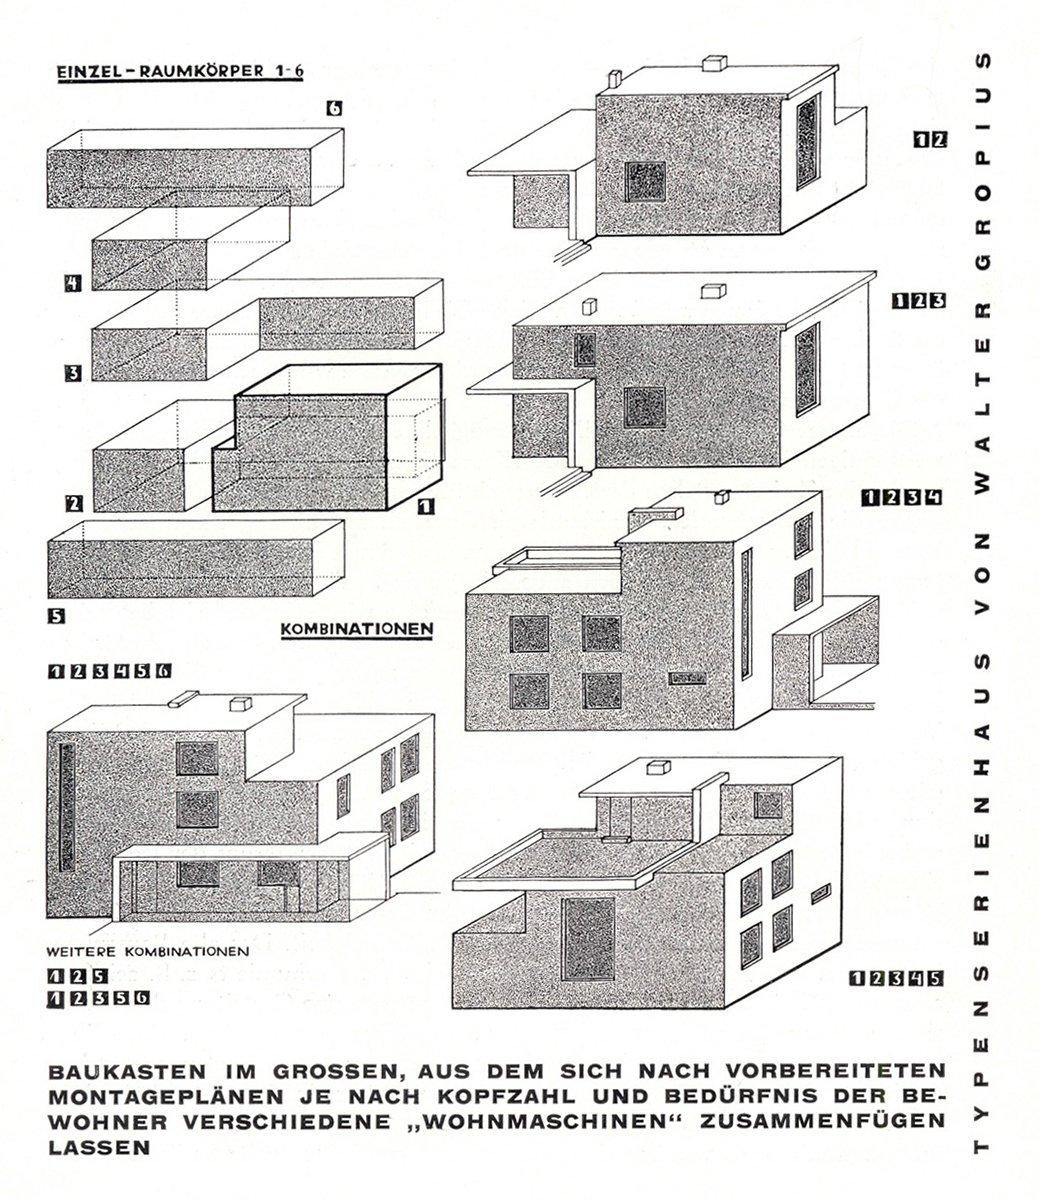 Schematische Darstellung Baukasten im Grossen 1923